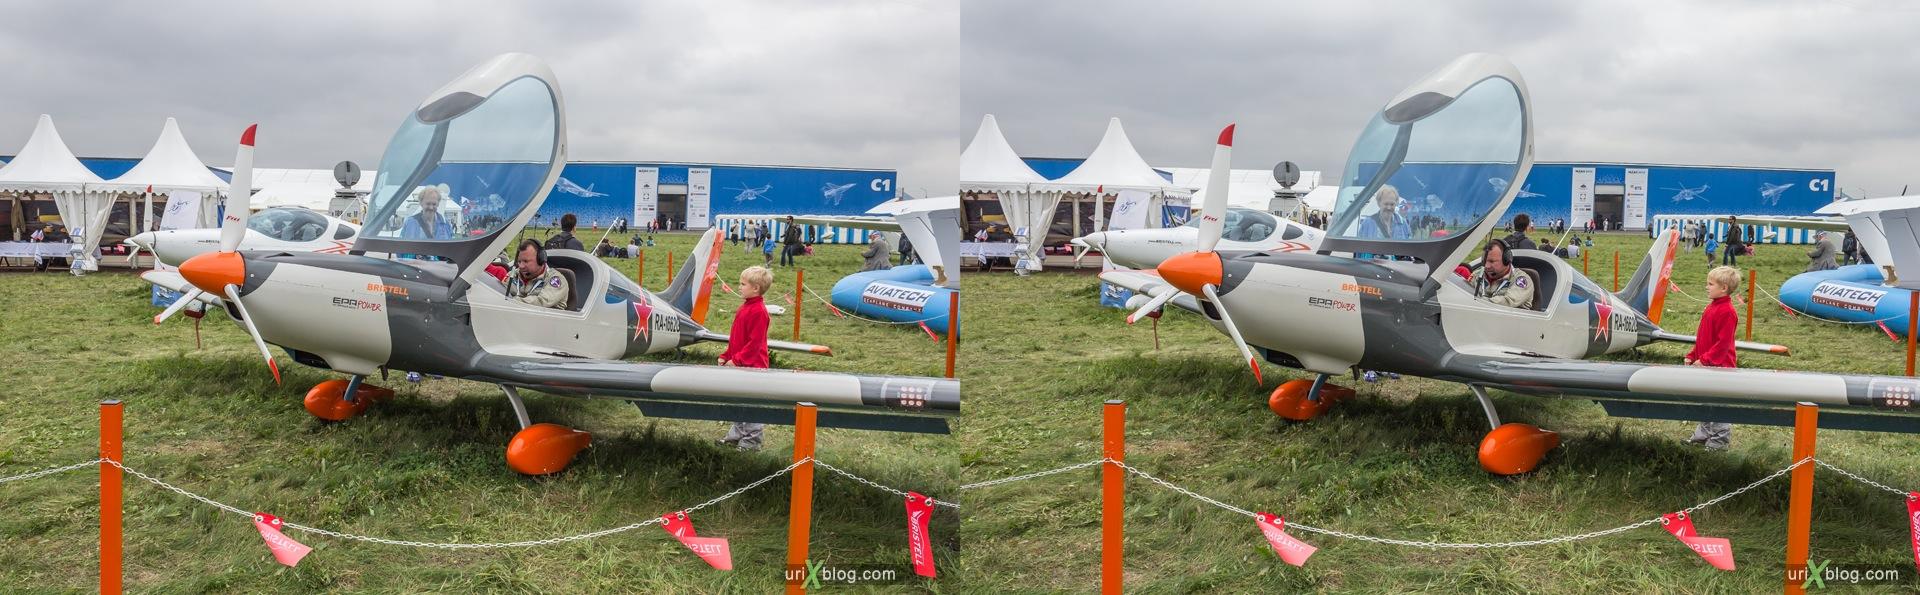 2013, Bristel NG-5, Россия, Раменское, Жуковский, аэродром, самолёт, экспозиция, МАКС, Международный Авиационно-космический Салон, 3D, перекрёстная стереопара, стерео, стереопара